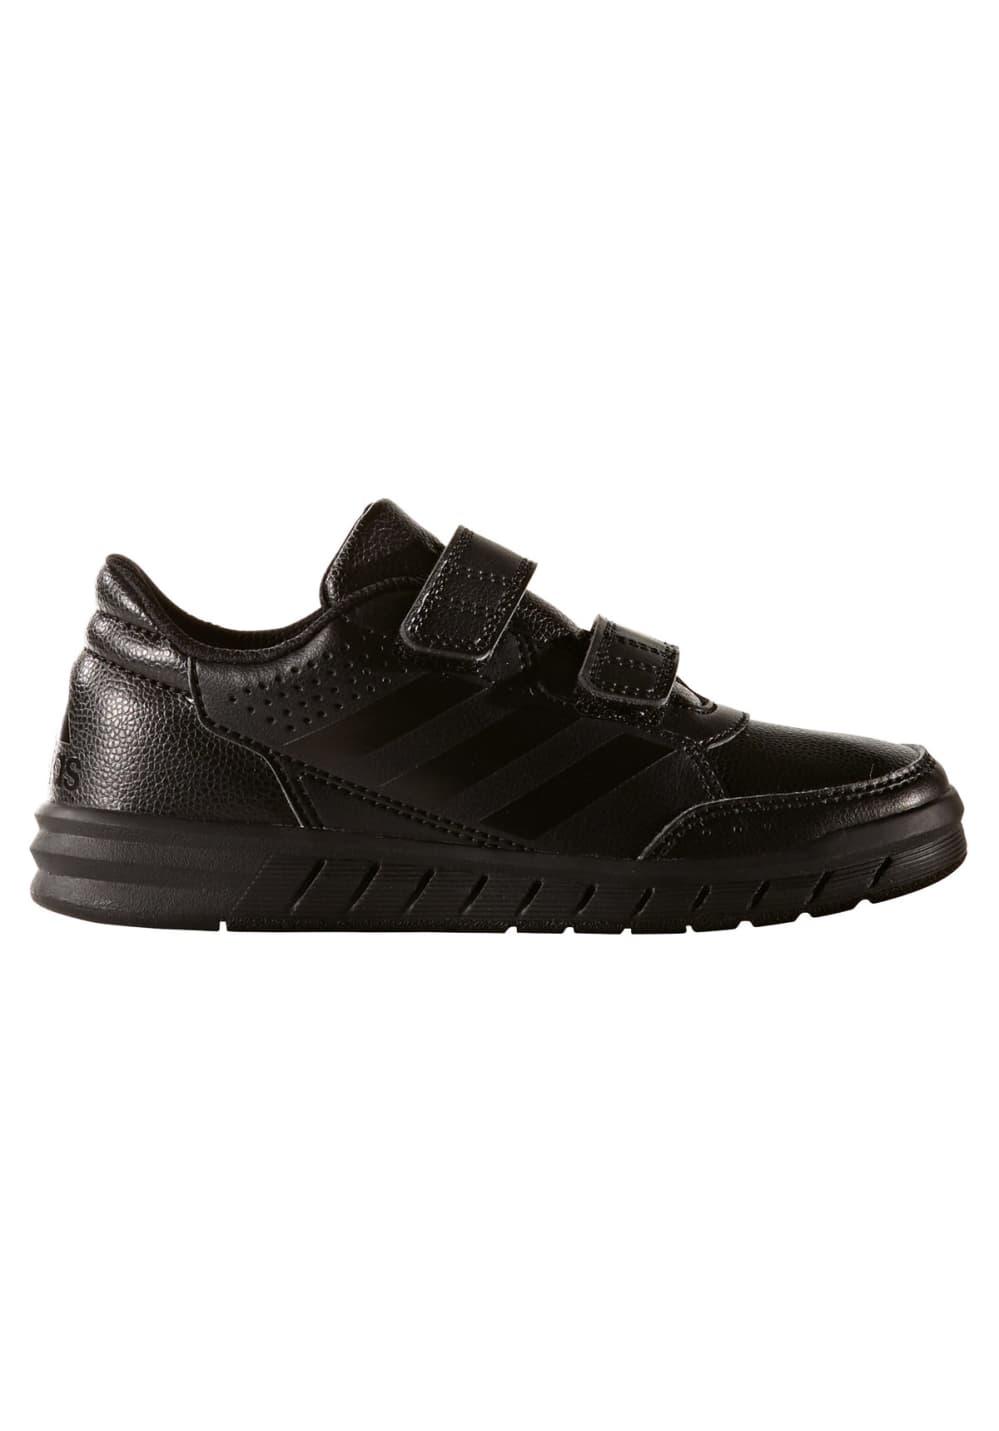 size 40 7ee0e 023a7 Next. -40%. Ce produit est actuellement épuisé. adidas. Altasport Cf K - Chaussures  fitness